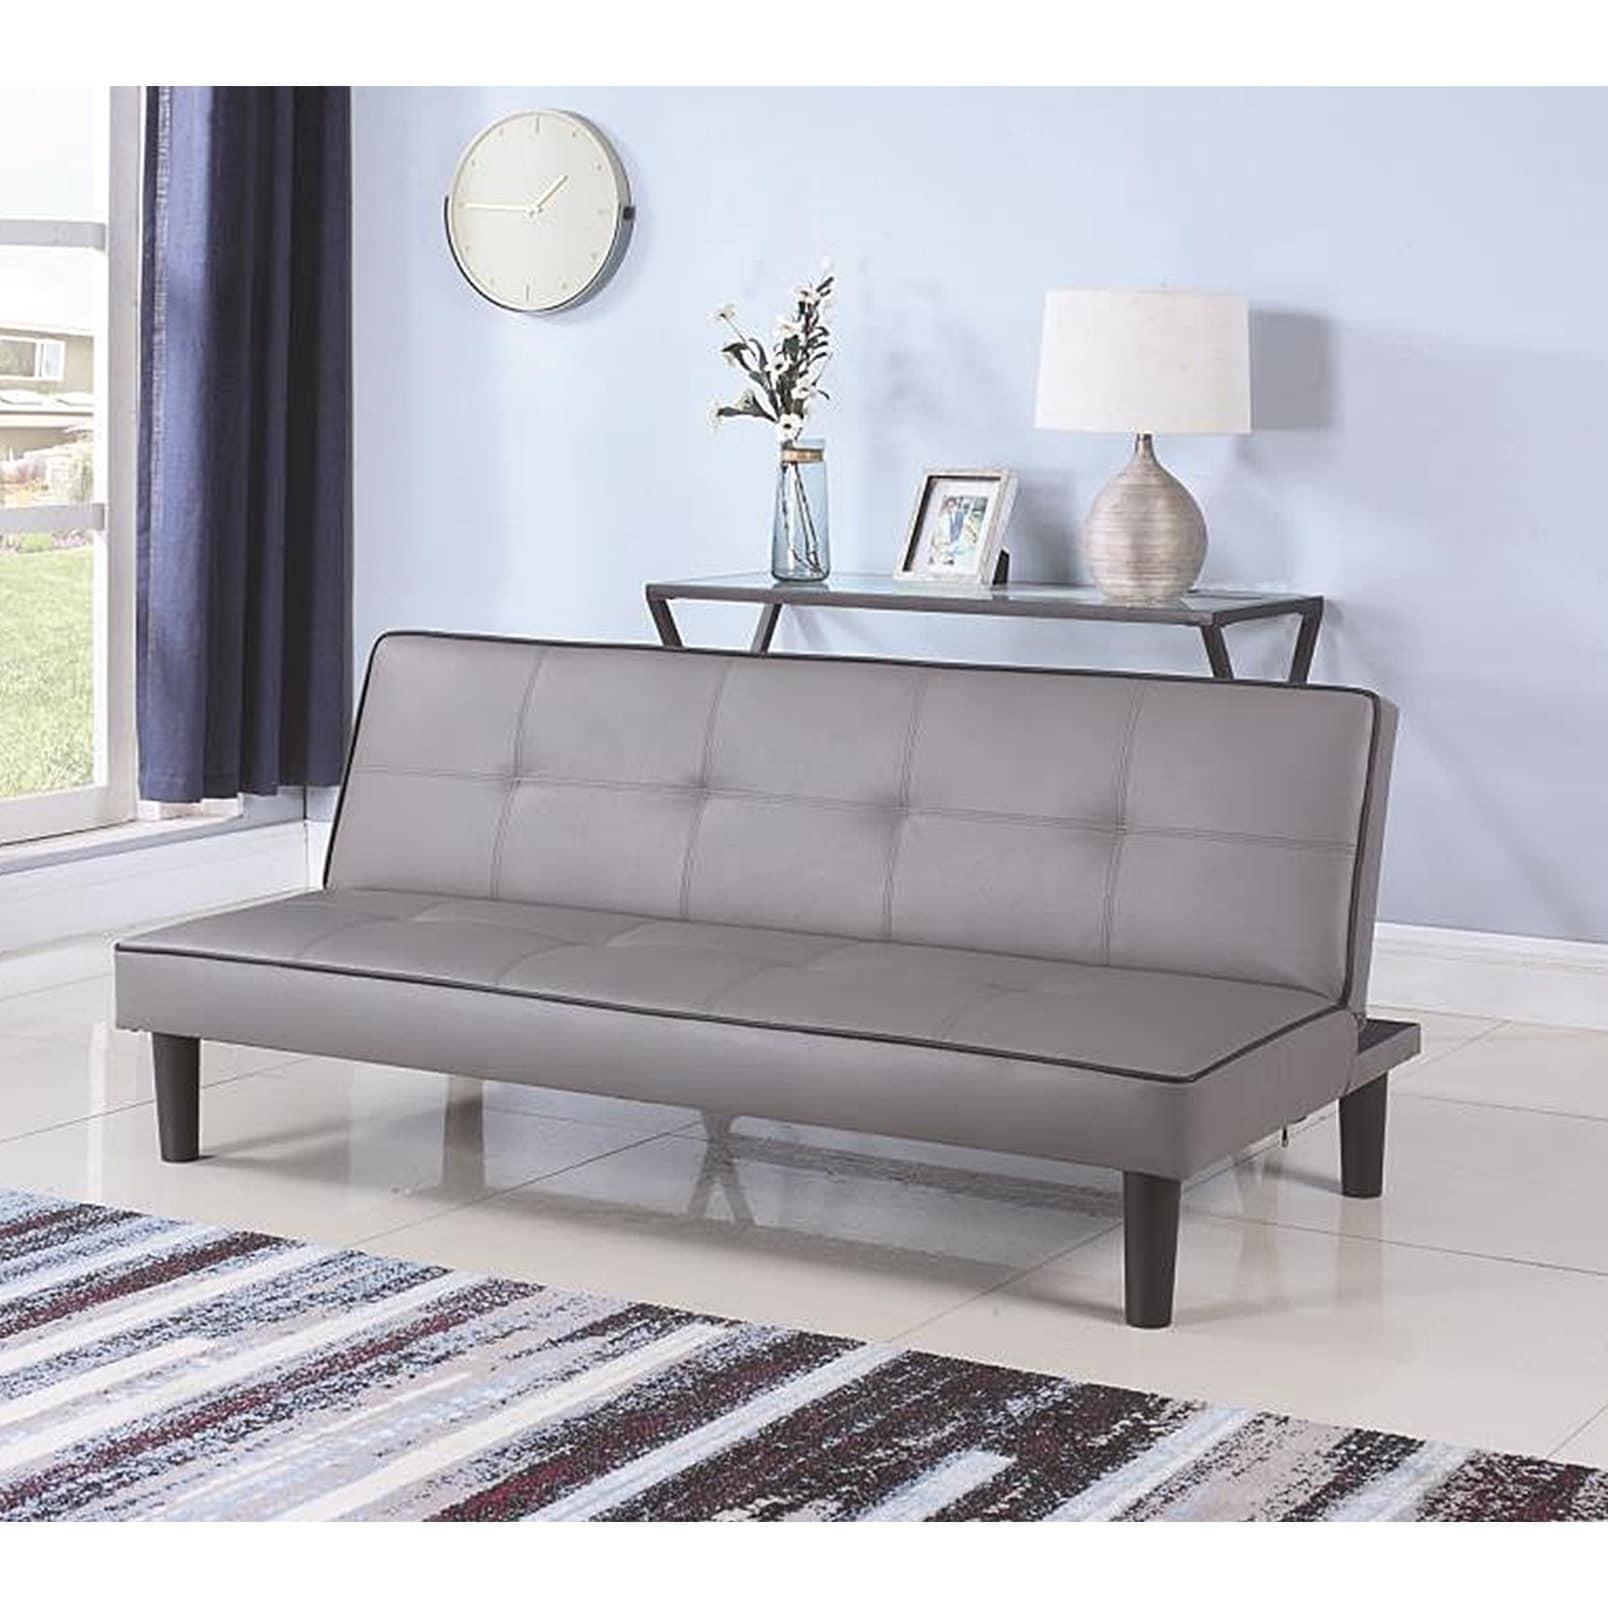 Fenton Grey Leather Upholstered